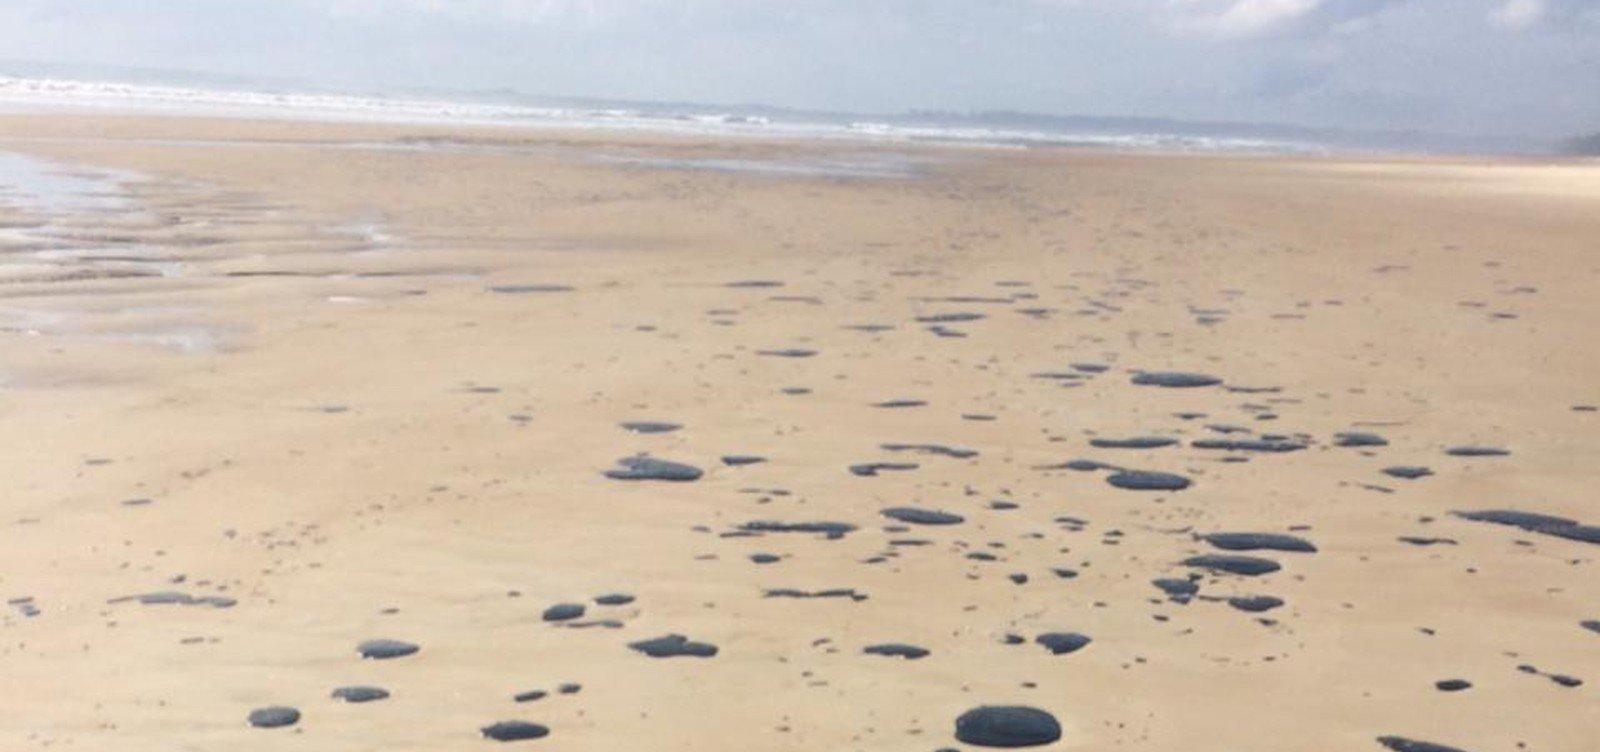 Turismo terá R$ 200 mi para reparar perdas com óleo, diz Bolsonaro